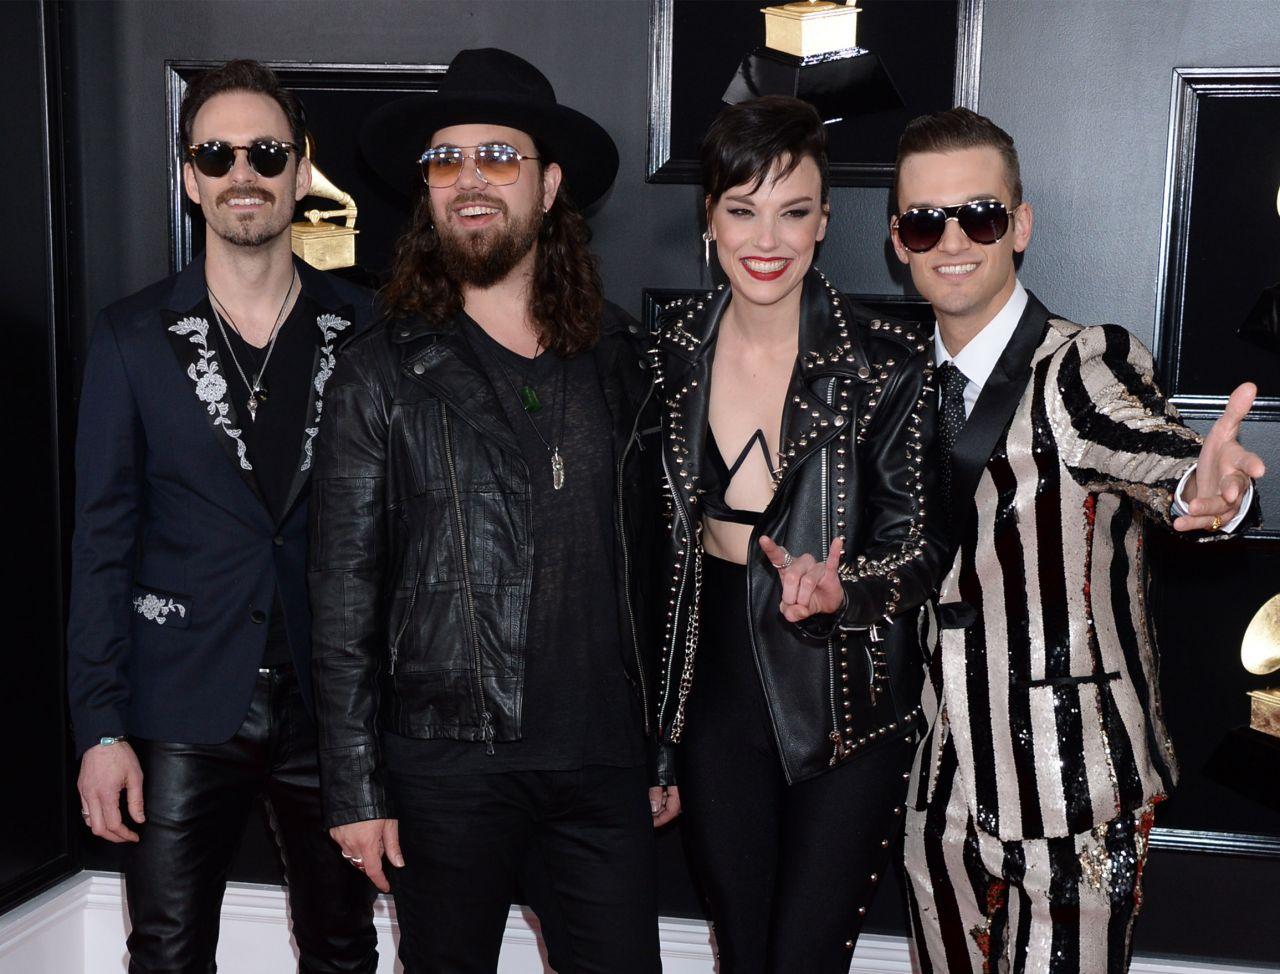 Lzzy Hale (Halestorm) - 61ème édition des Grammy Awards à Los Angeles le 02/10/2019 Lzzy-h10